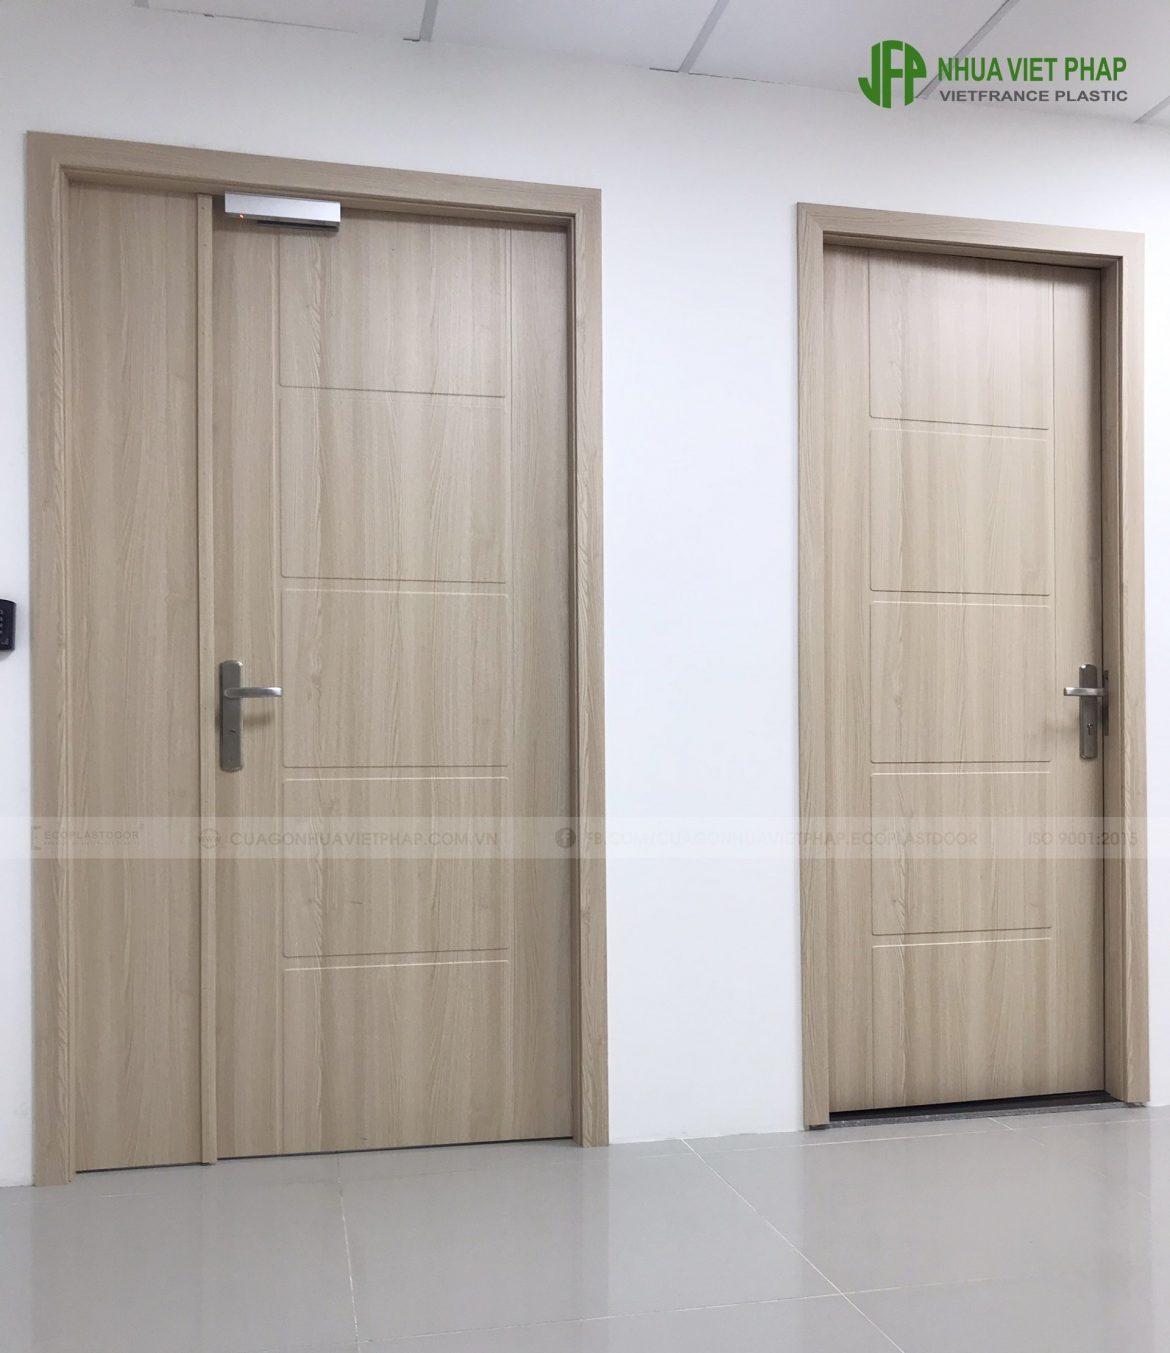 Khách hàng Nhật Bản nói gì về cửa gỗ nhựa Ecoplast Door® thế hệ 2 ?